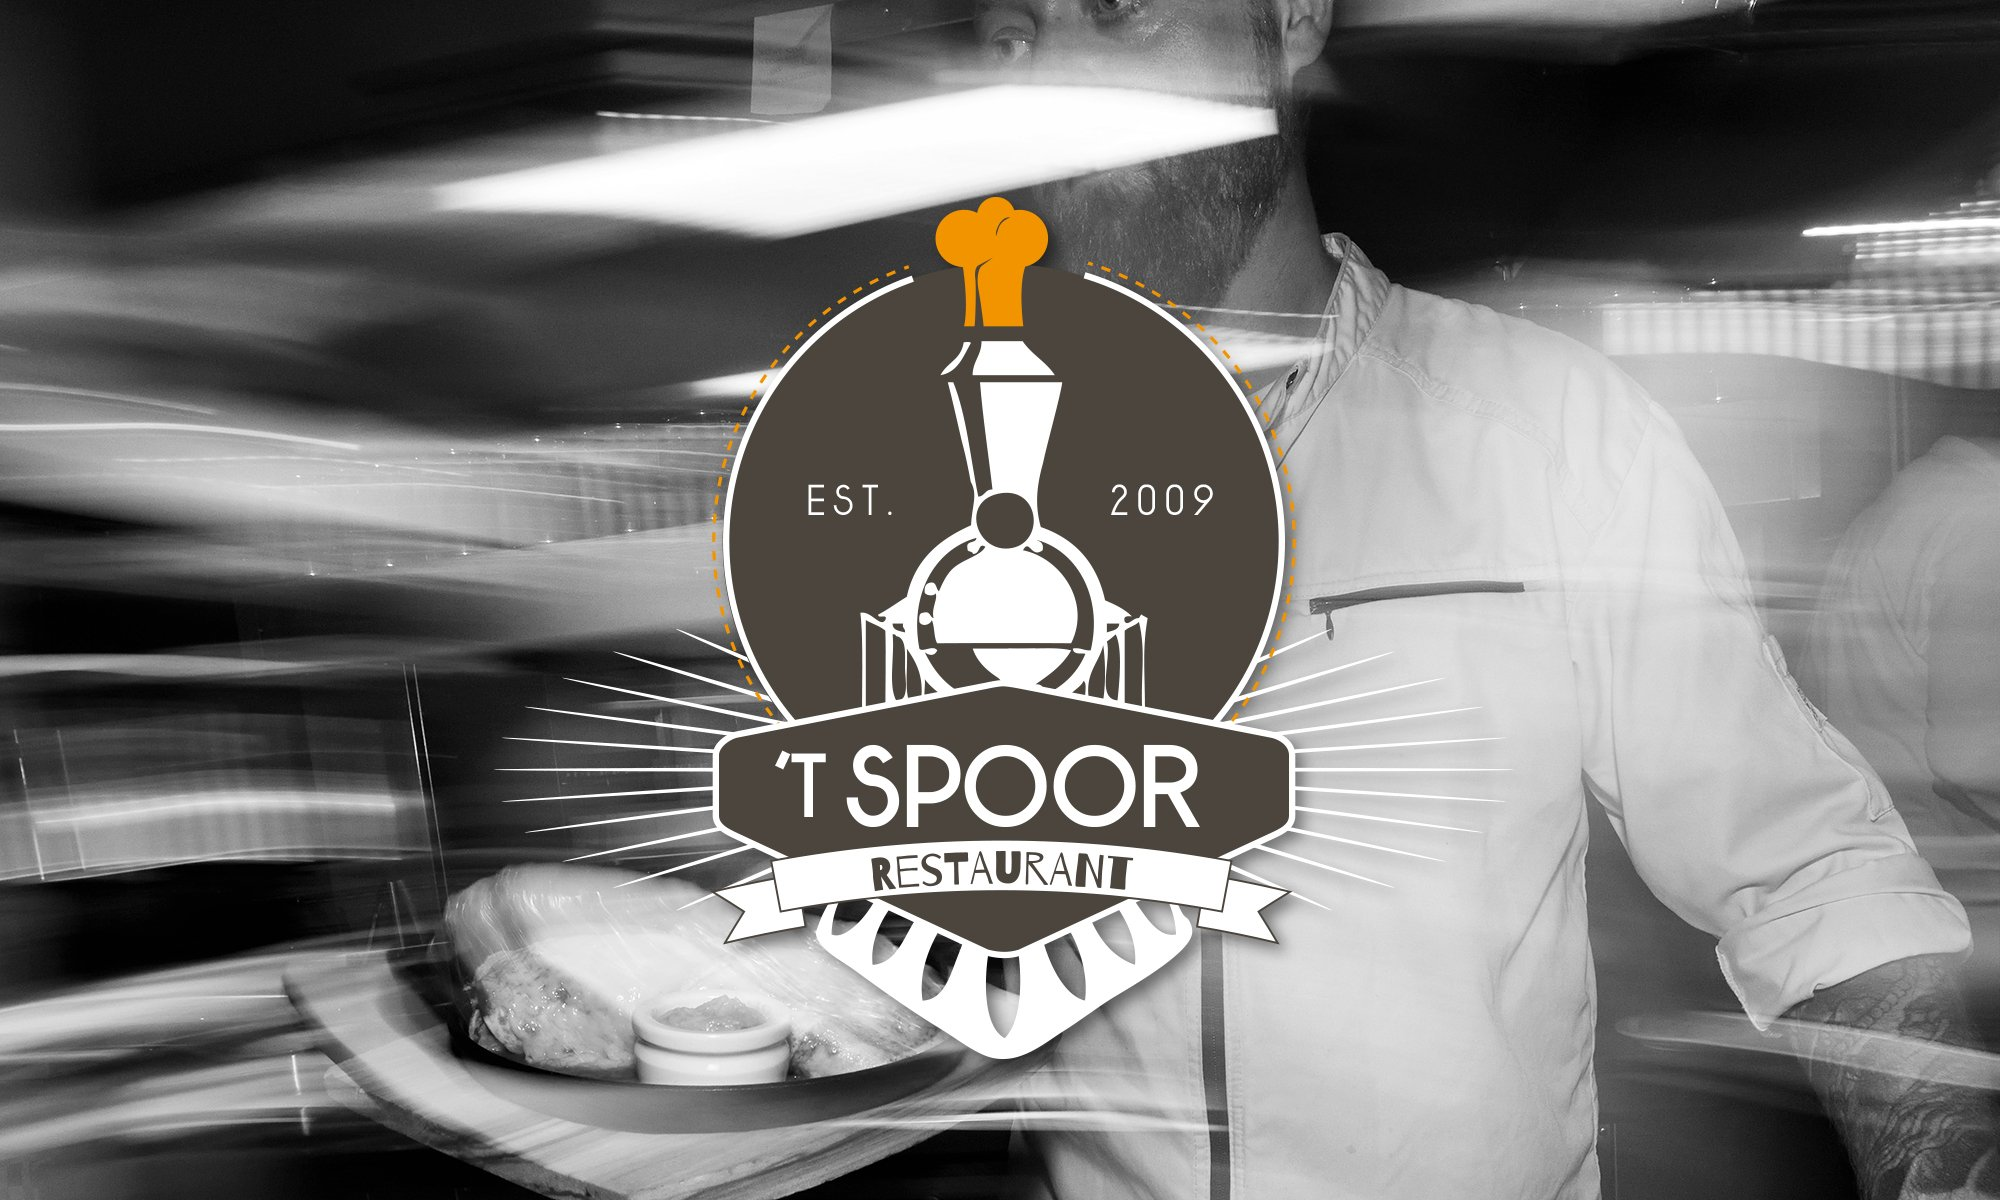 Restaurant 't Spoor